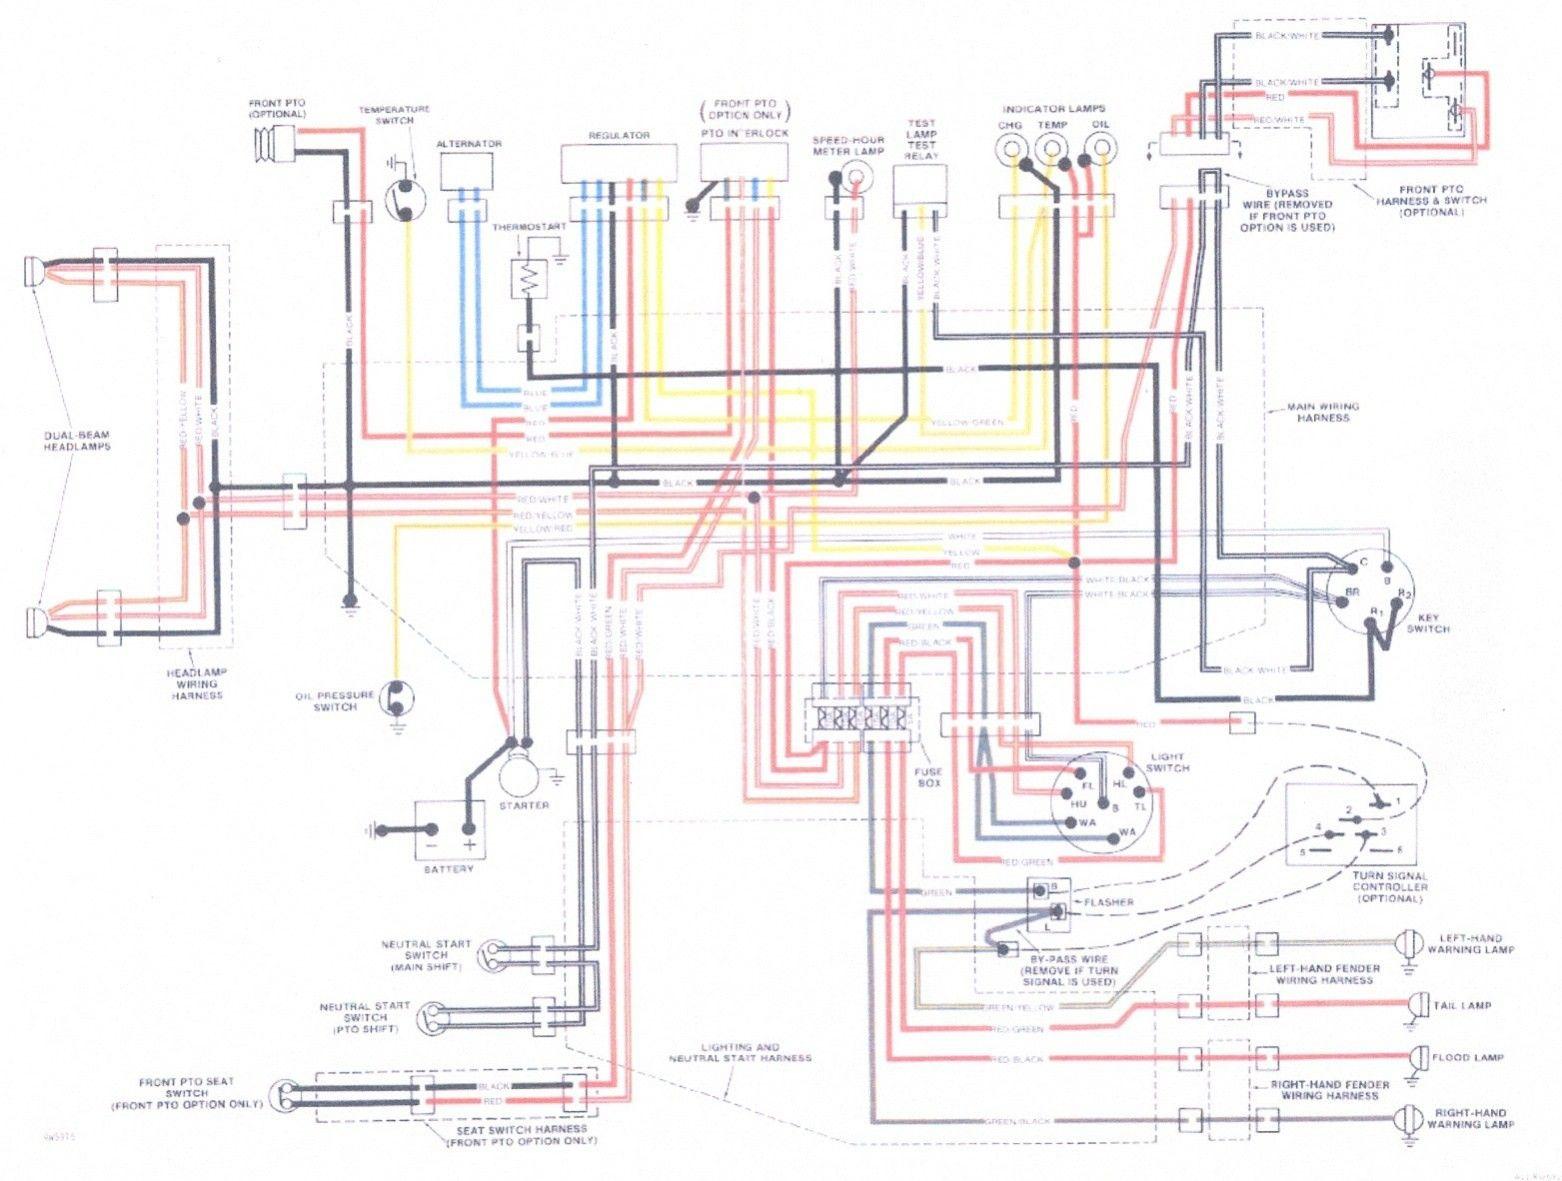 Wiring Diagram For John Deere Lt155 | Bege Wiring DiagramBege Wiring Diagram